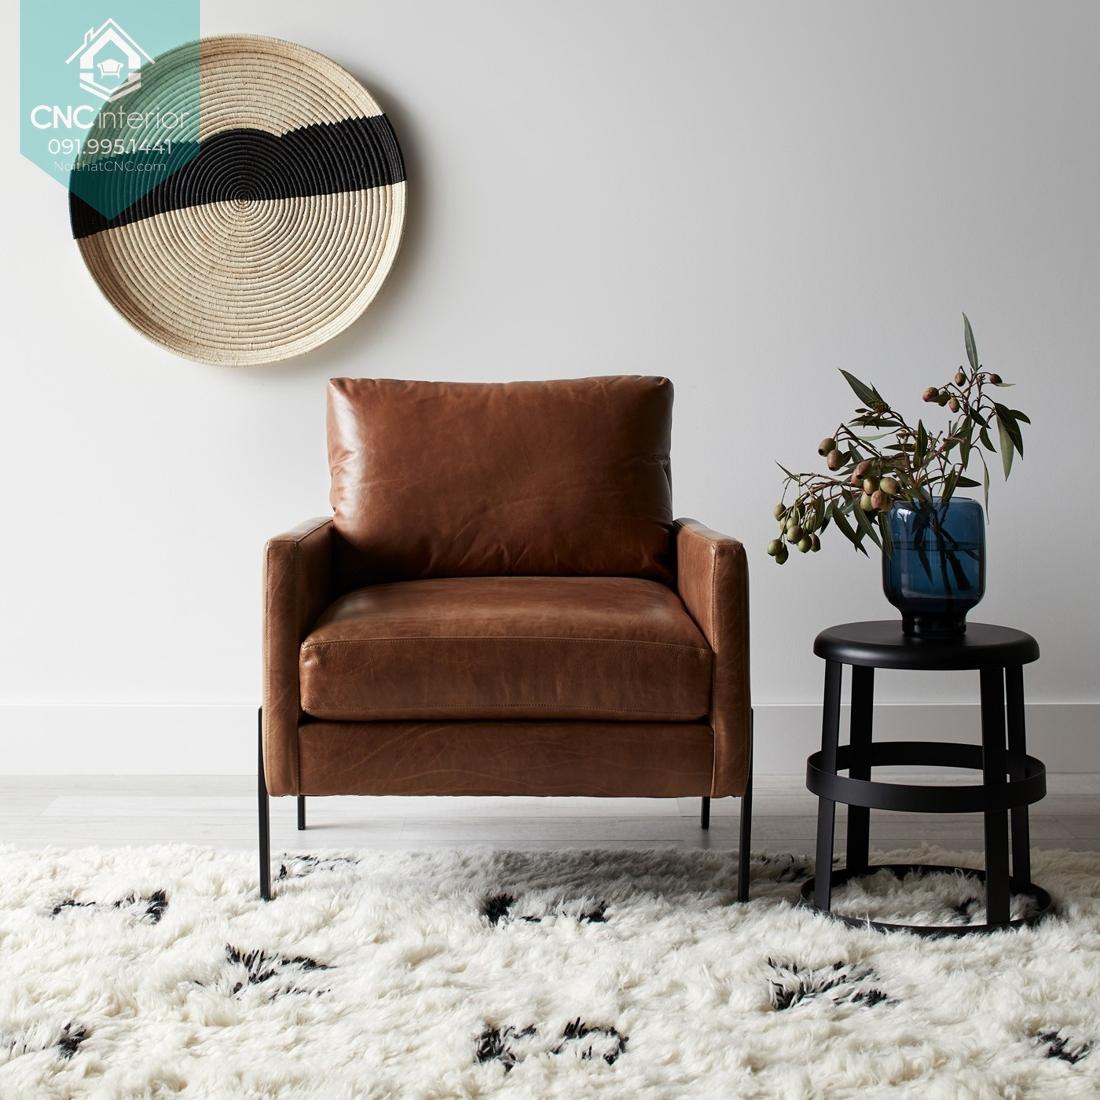 Sofa đơn cho phòng khách chung cư nhỏ với thiết kế hiện đại